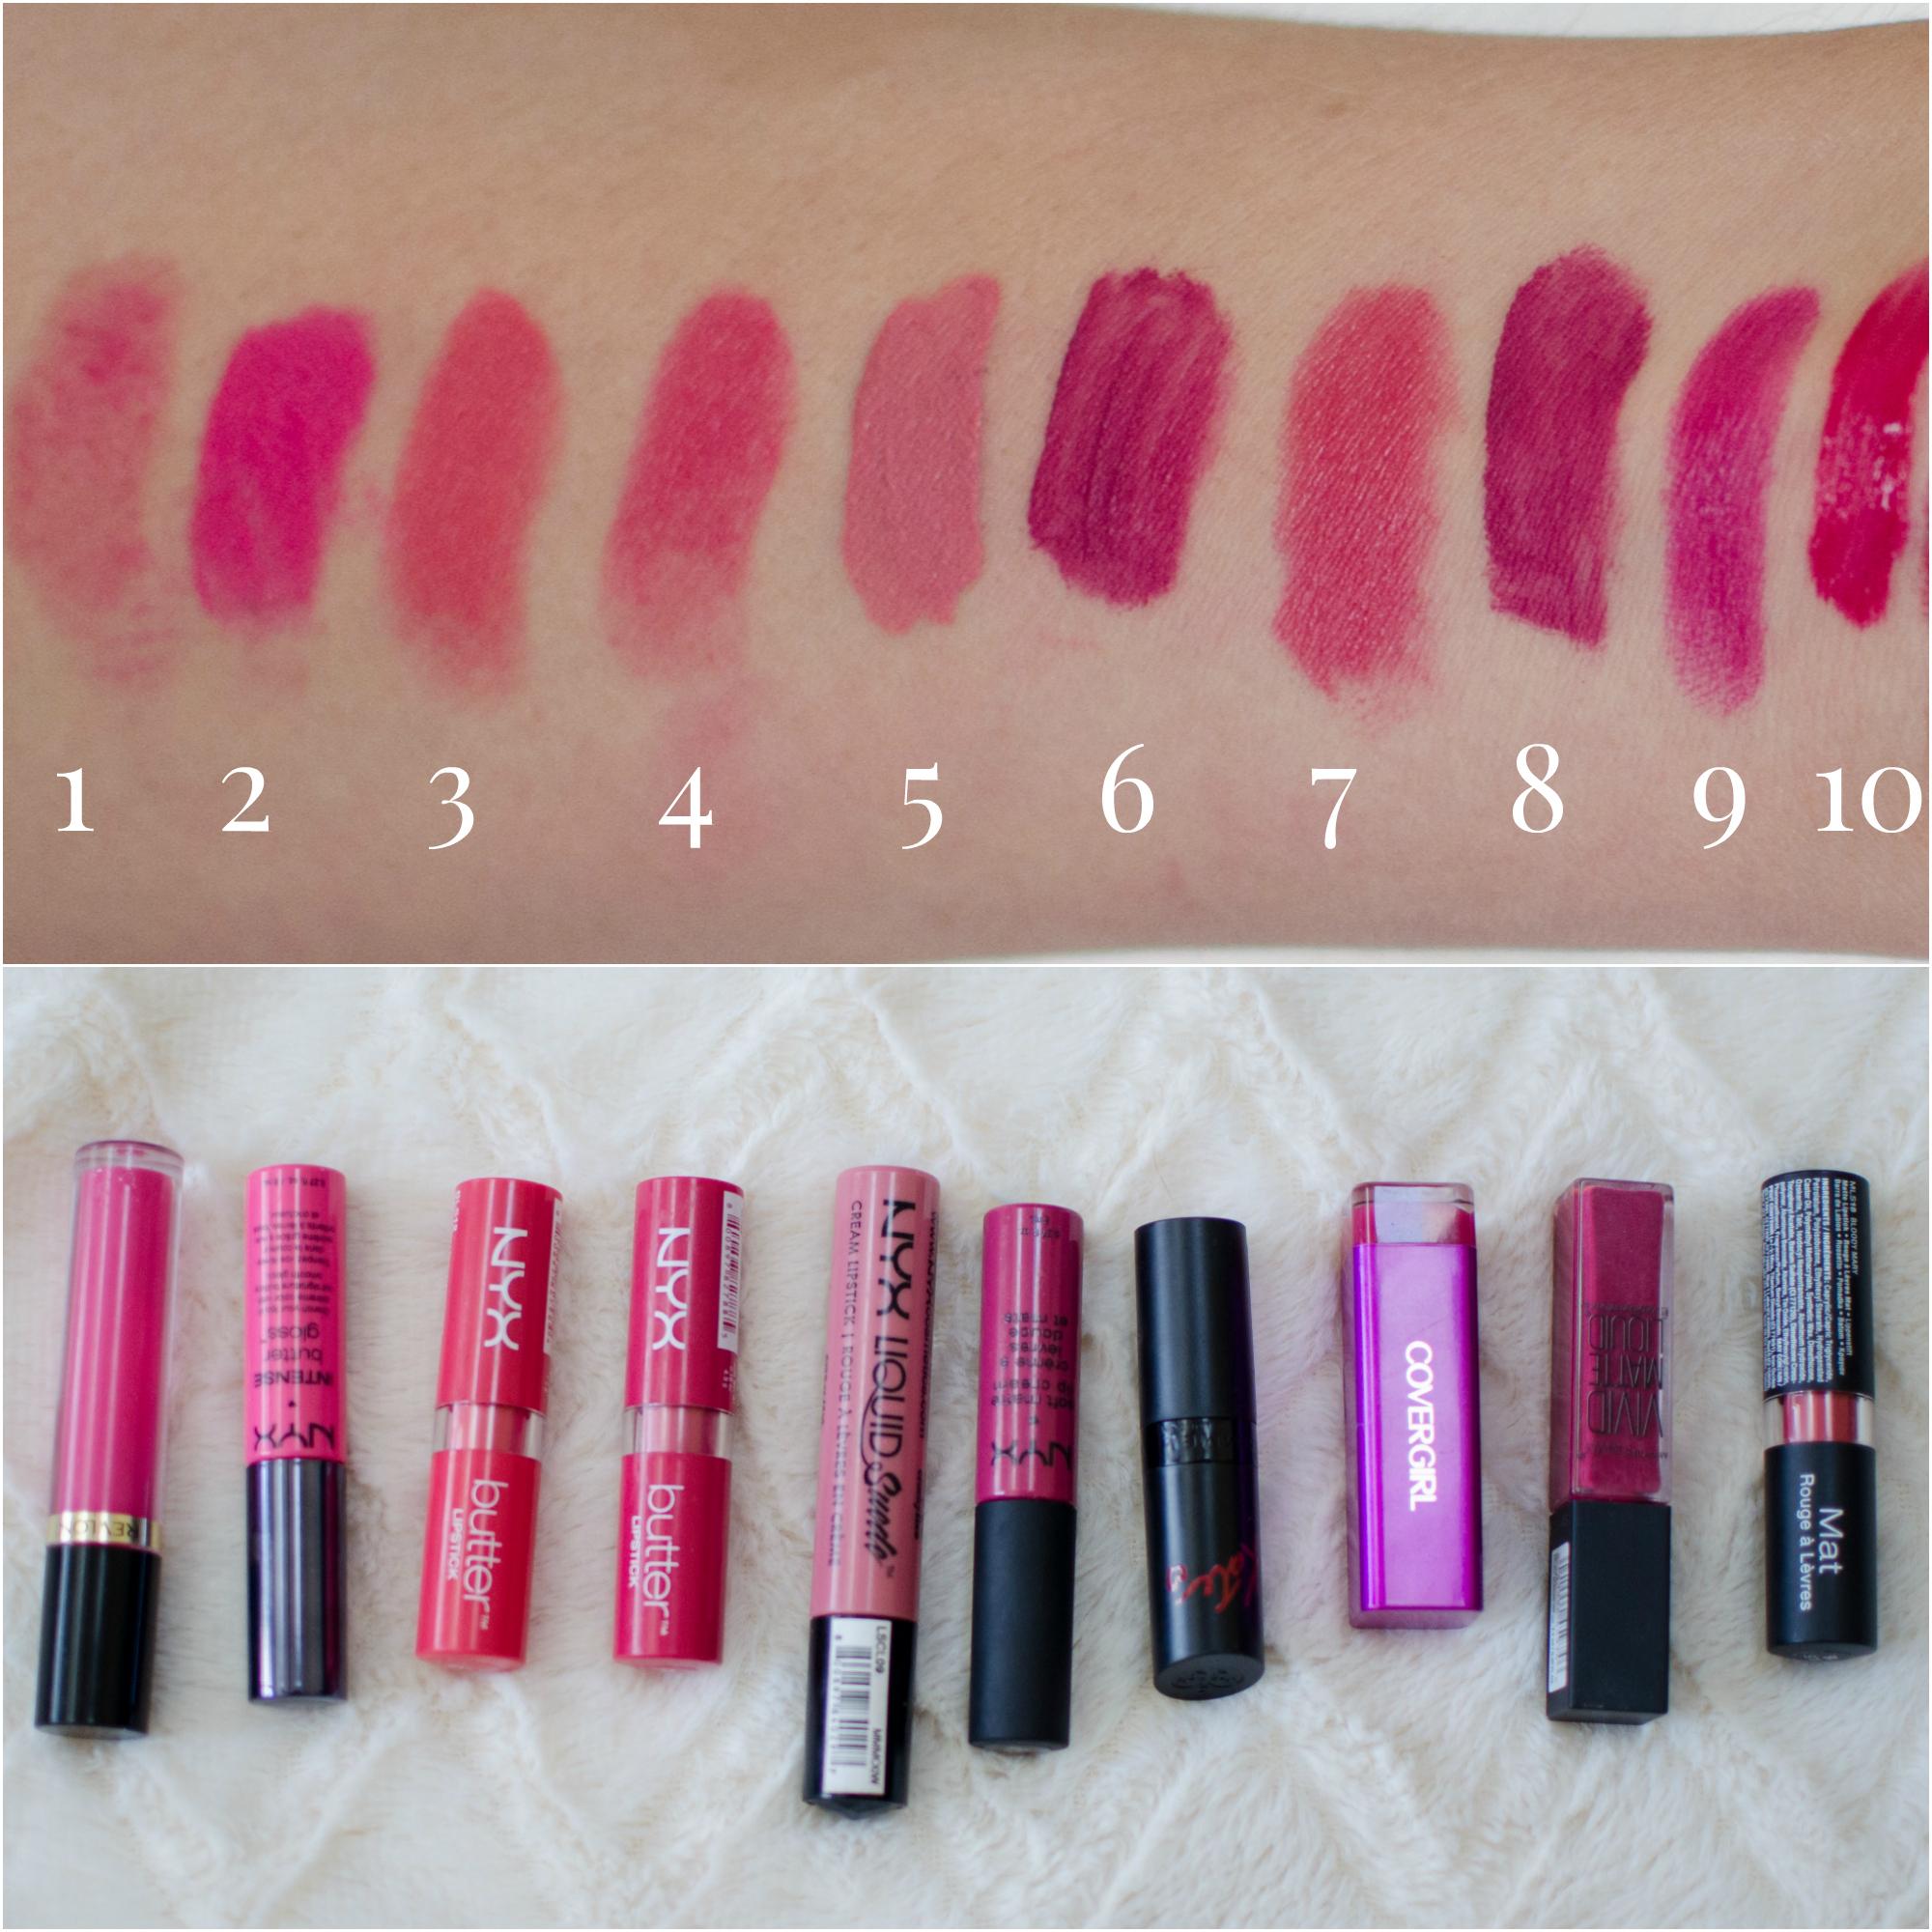 Top 10 Best Pink Drugstore Lipsticks | By Lauren M